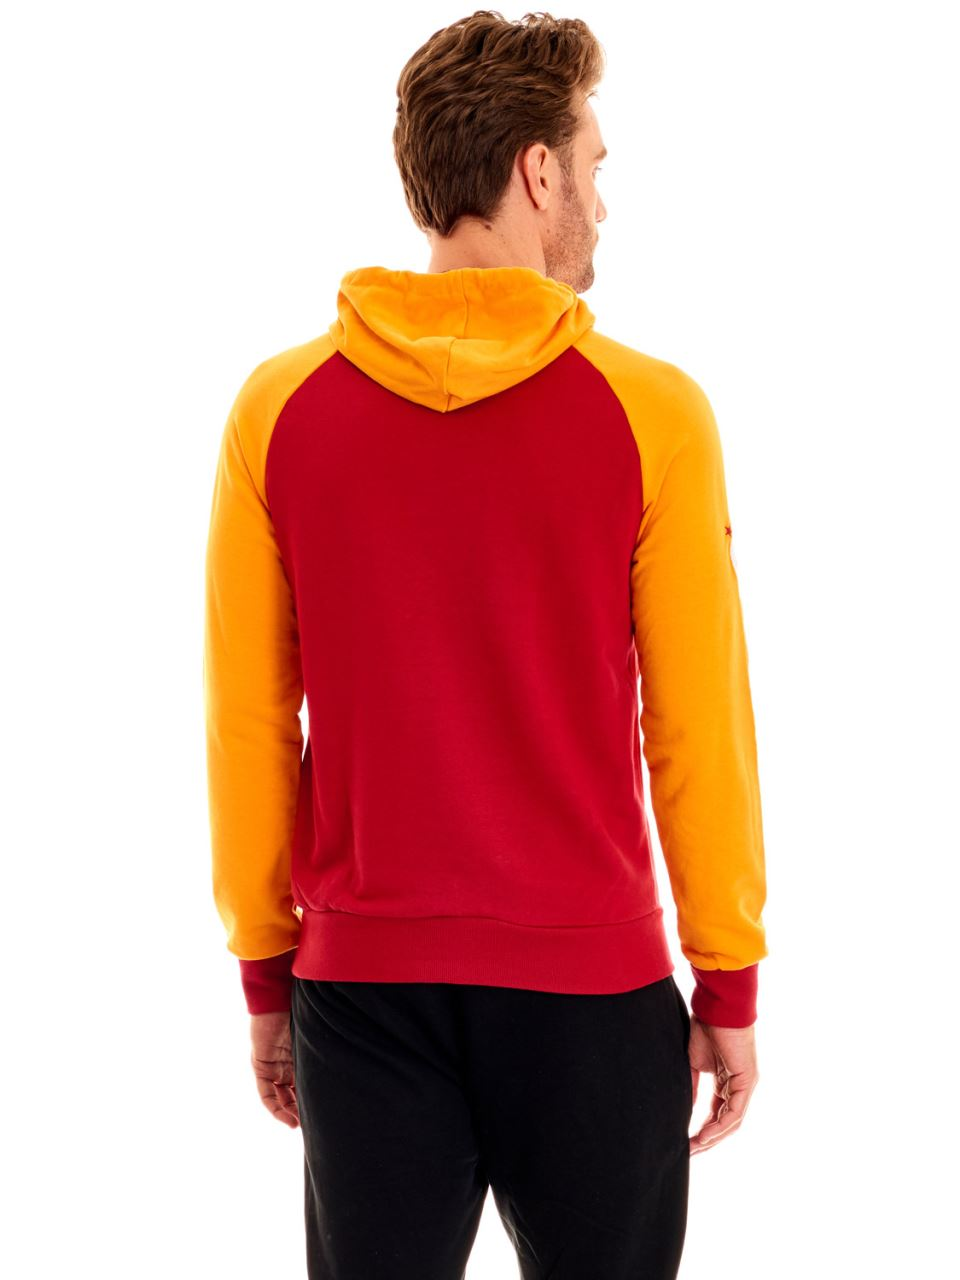 E95279 Sweatshirt